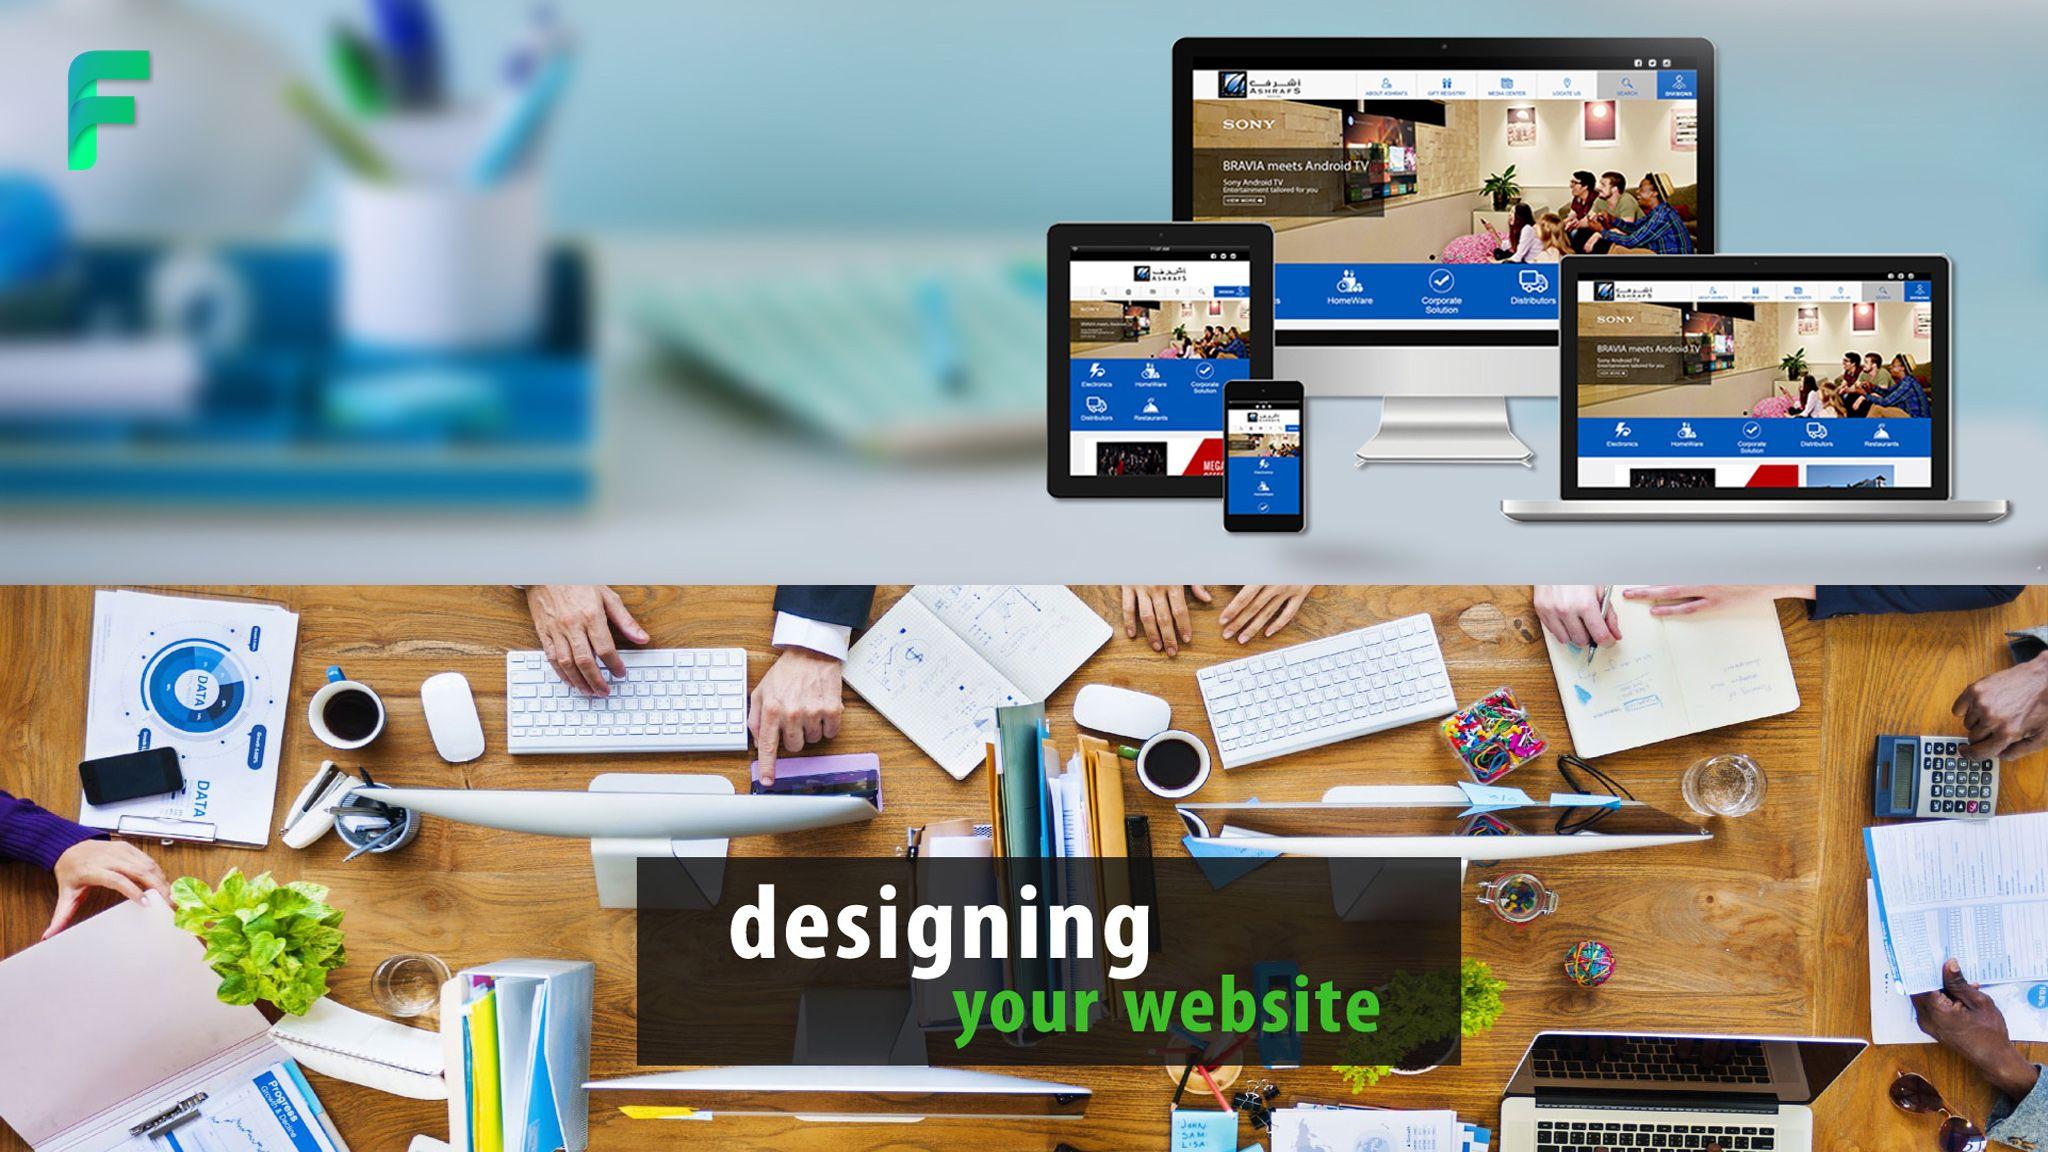 Michigan Web Design Development Services Website Design Services Design Development Website Design